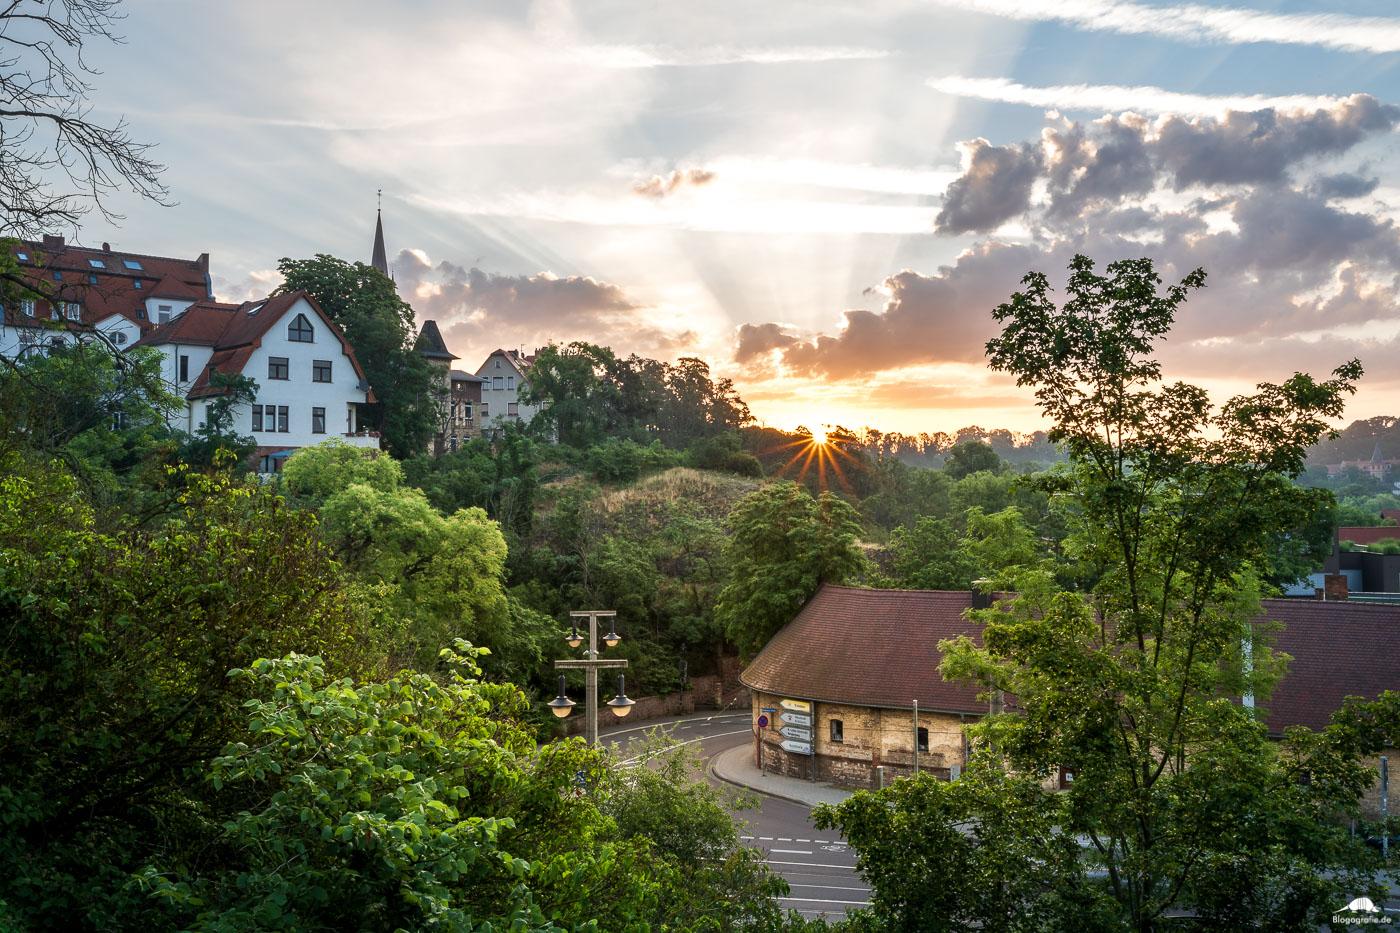 Sonnenaufgang in Halle Kröllwitz